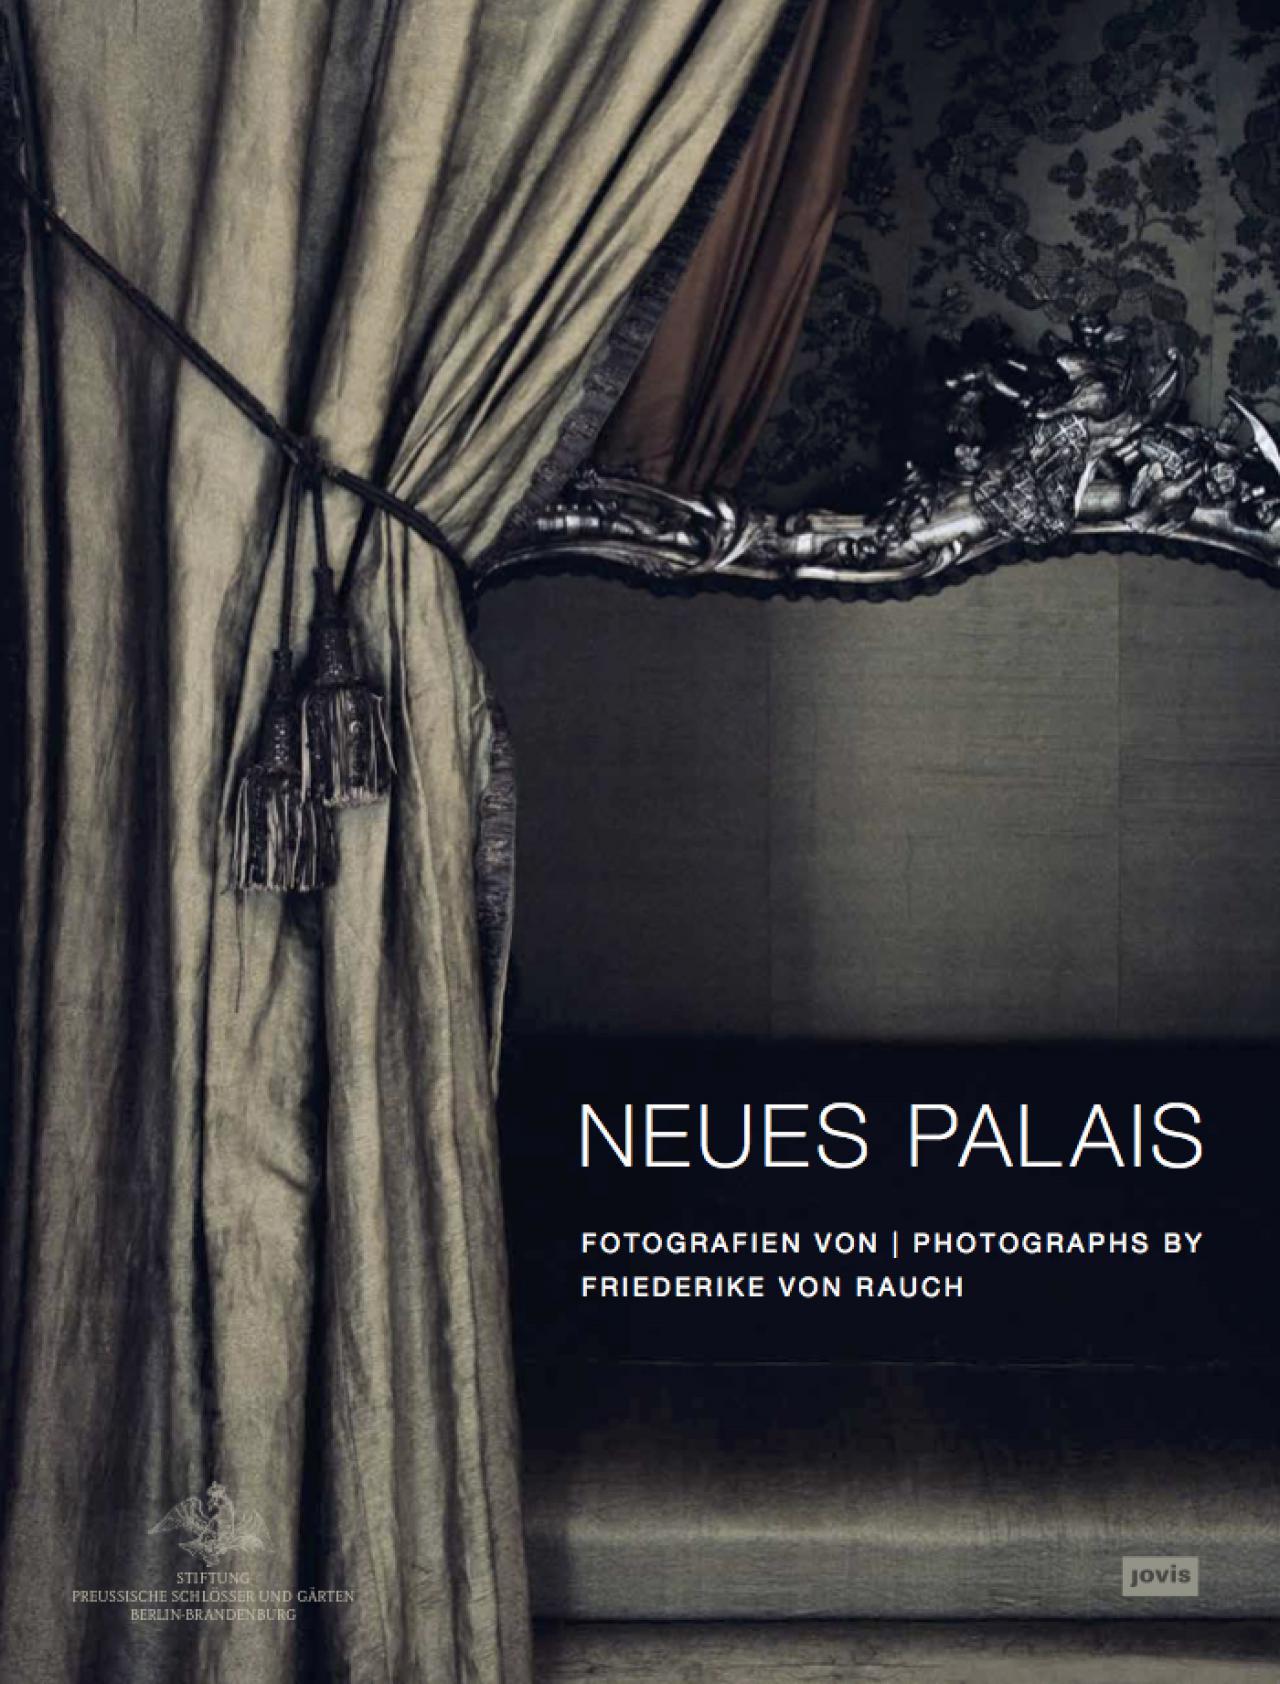 Friederike von Rauch: Neues Palais